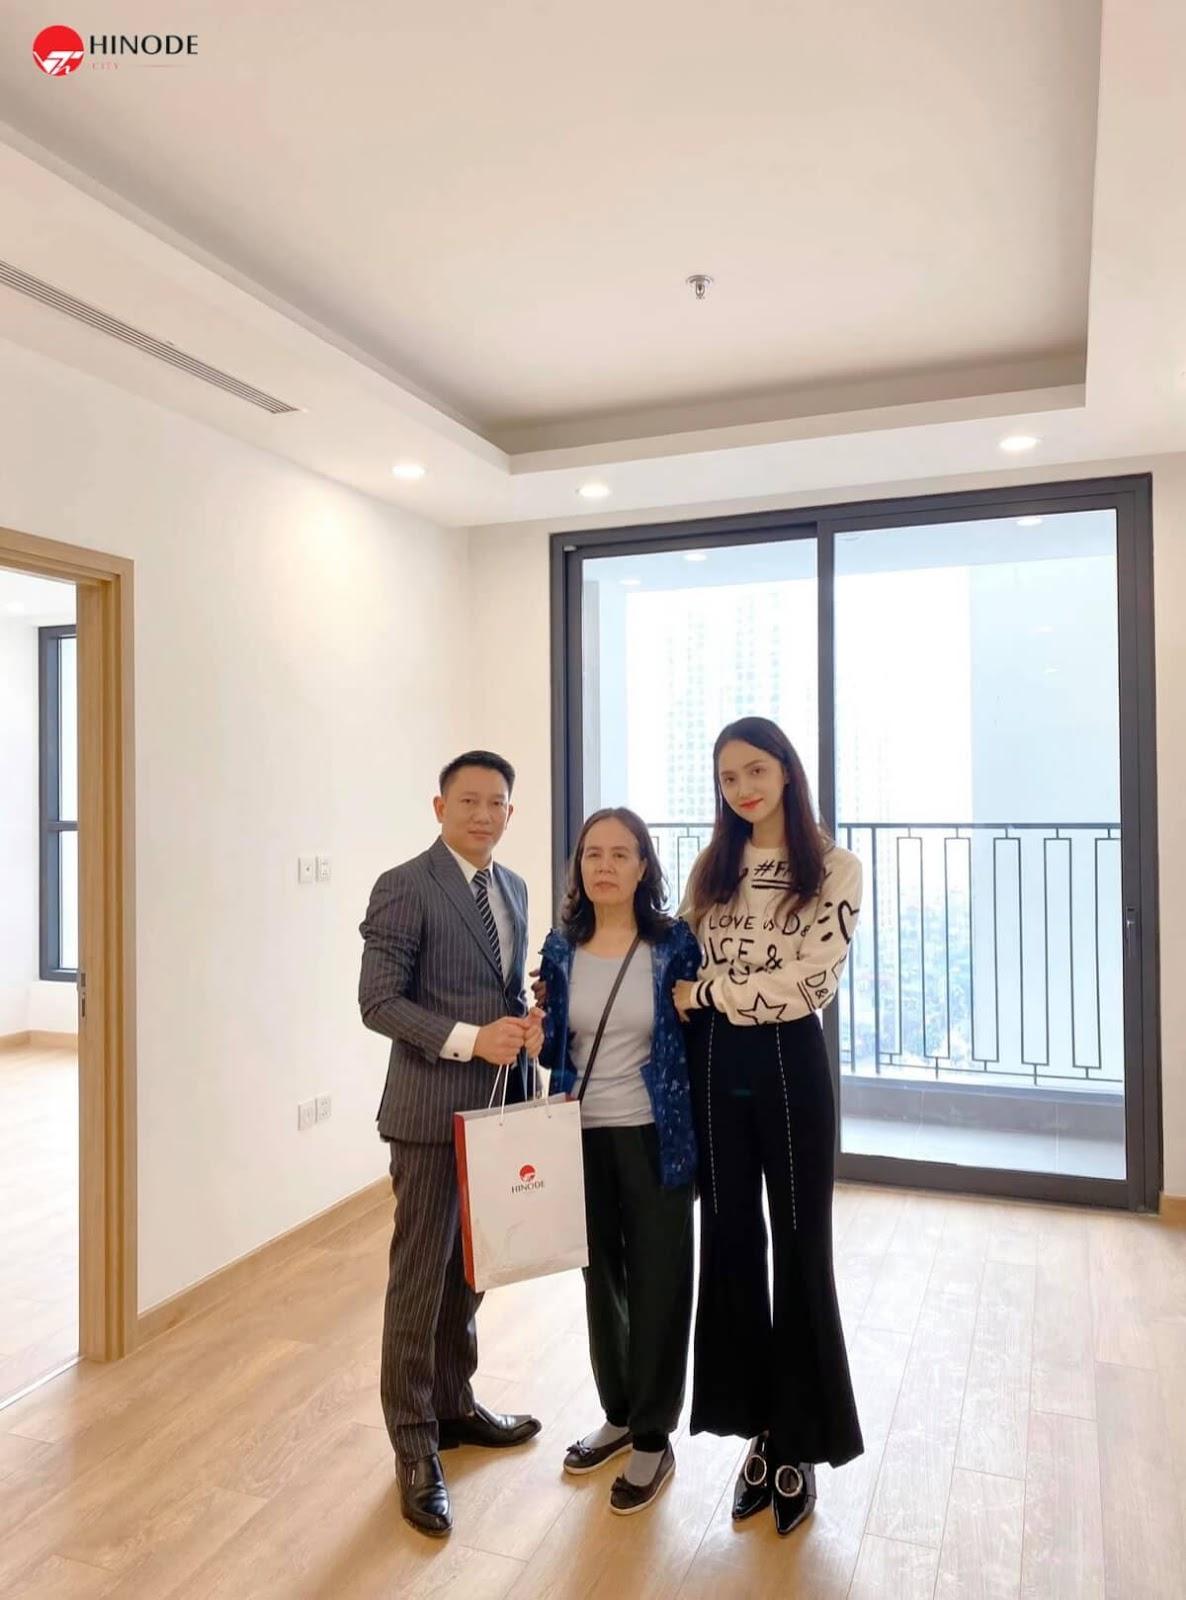 Hoa hậu Hương Giang mua căn hộ Hinode City Minh Khai